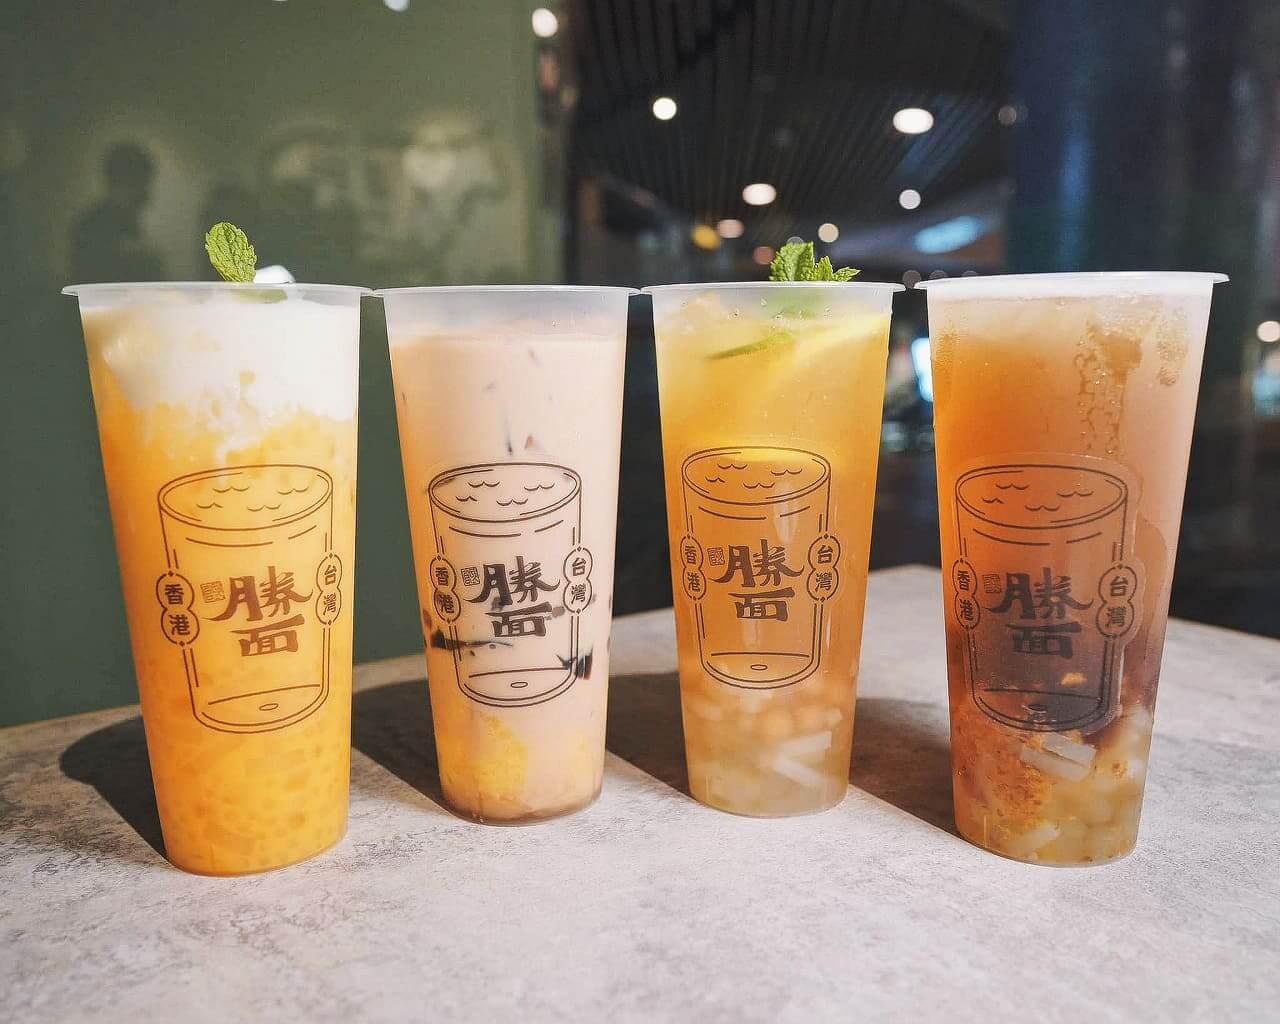 4款茶飲包括爆粒檸檬3姊妹、奶茶3兄弟、芒芒甘露及桂花嬤嬤。